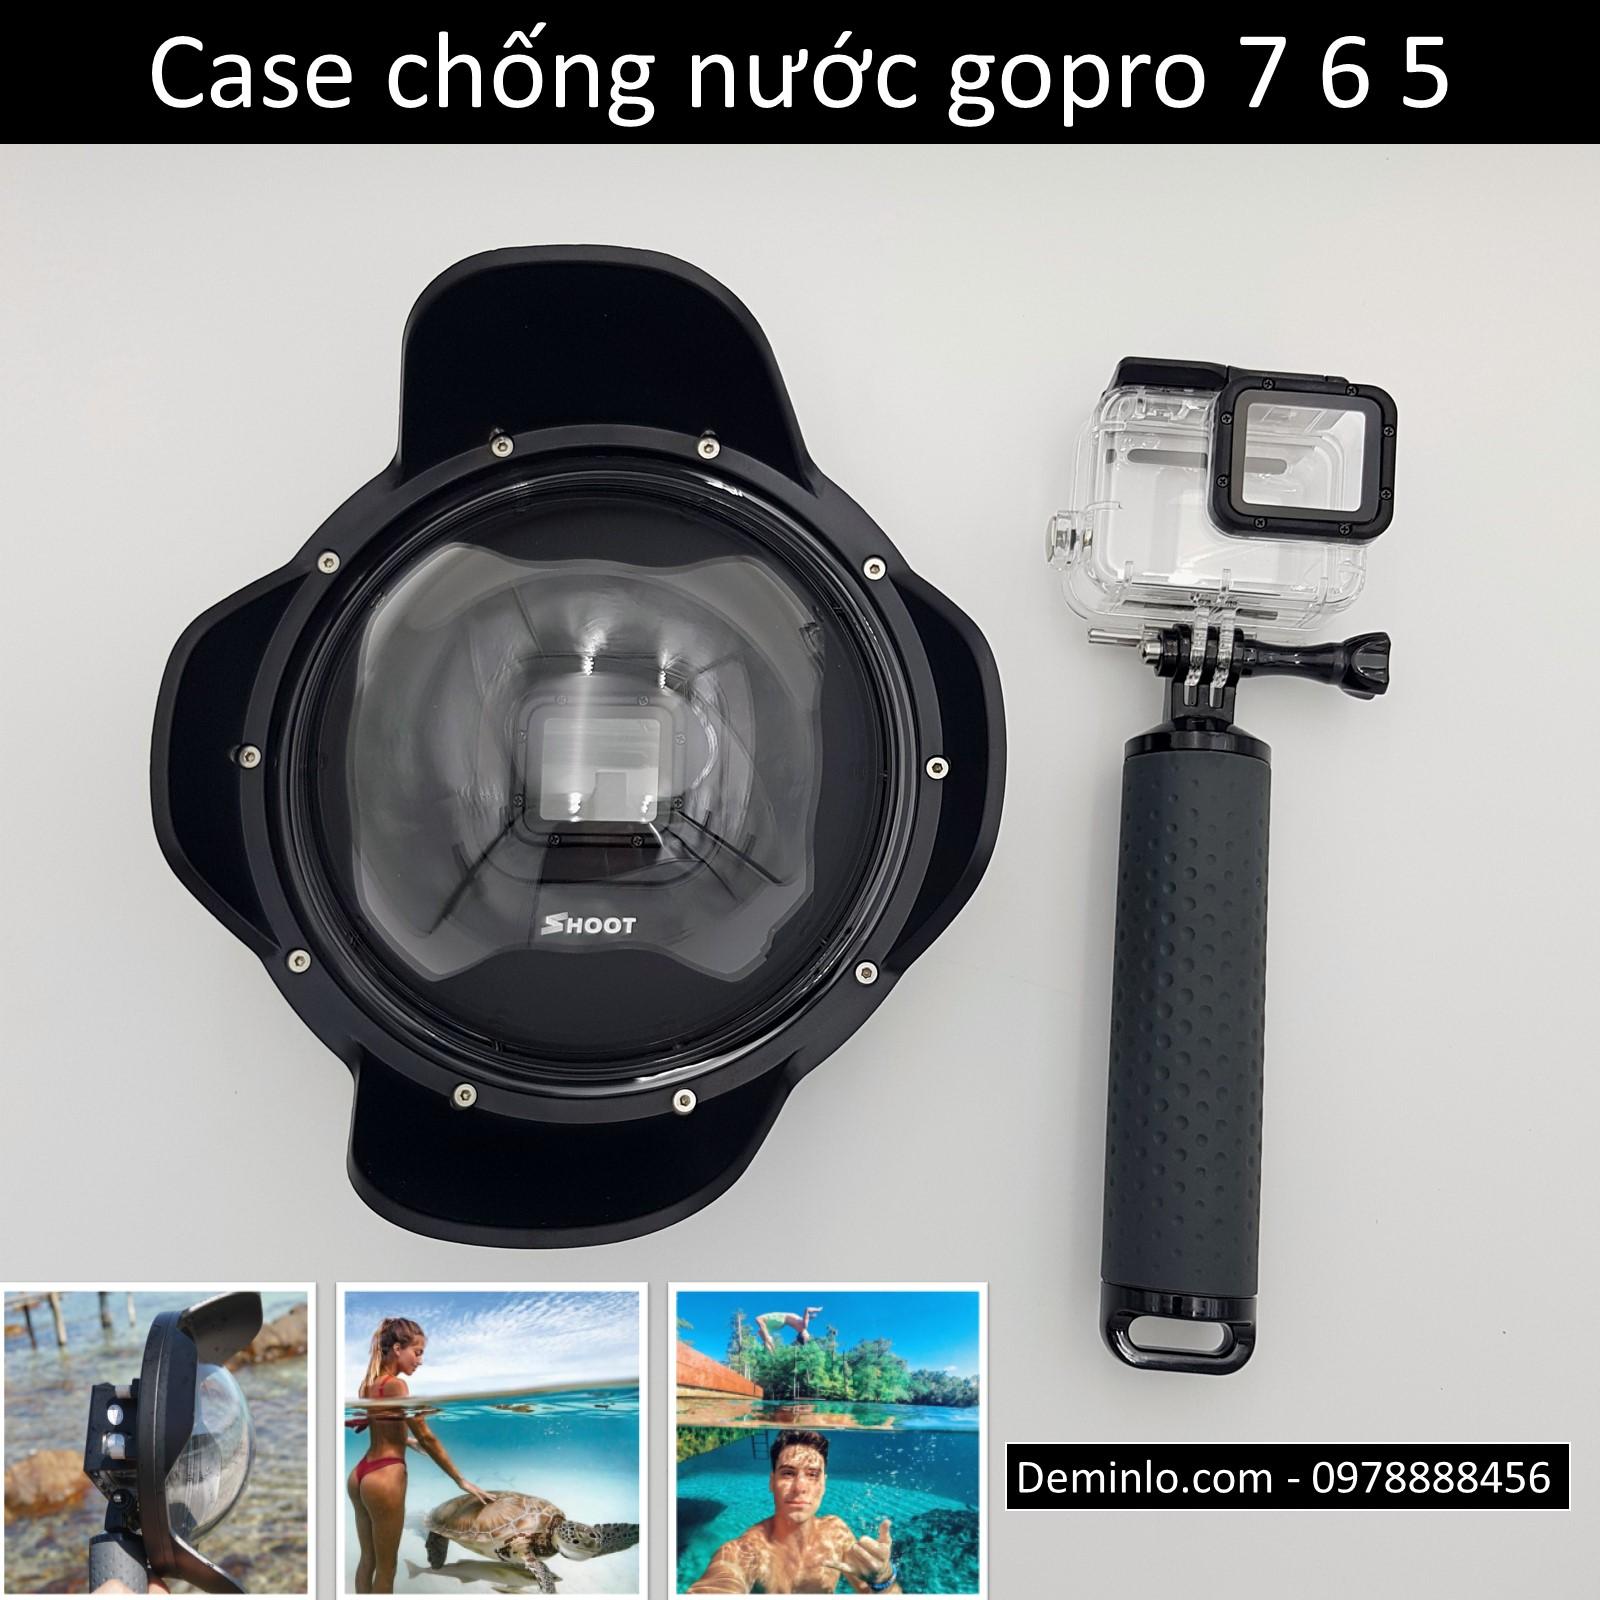 Case chống nước gopro 7 6 5